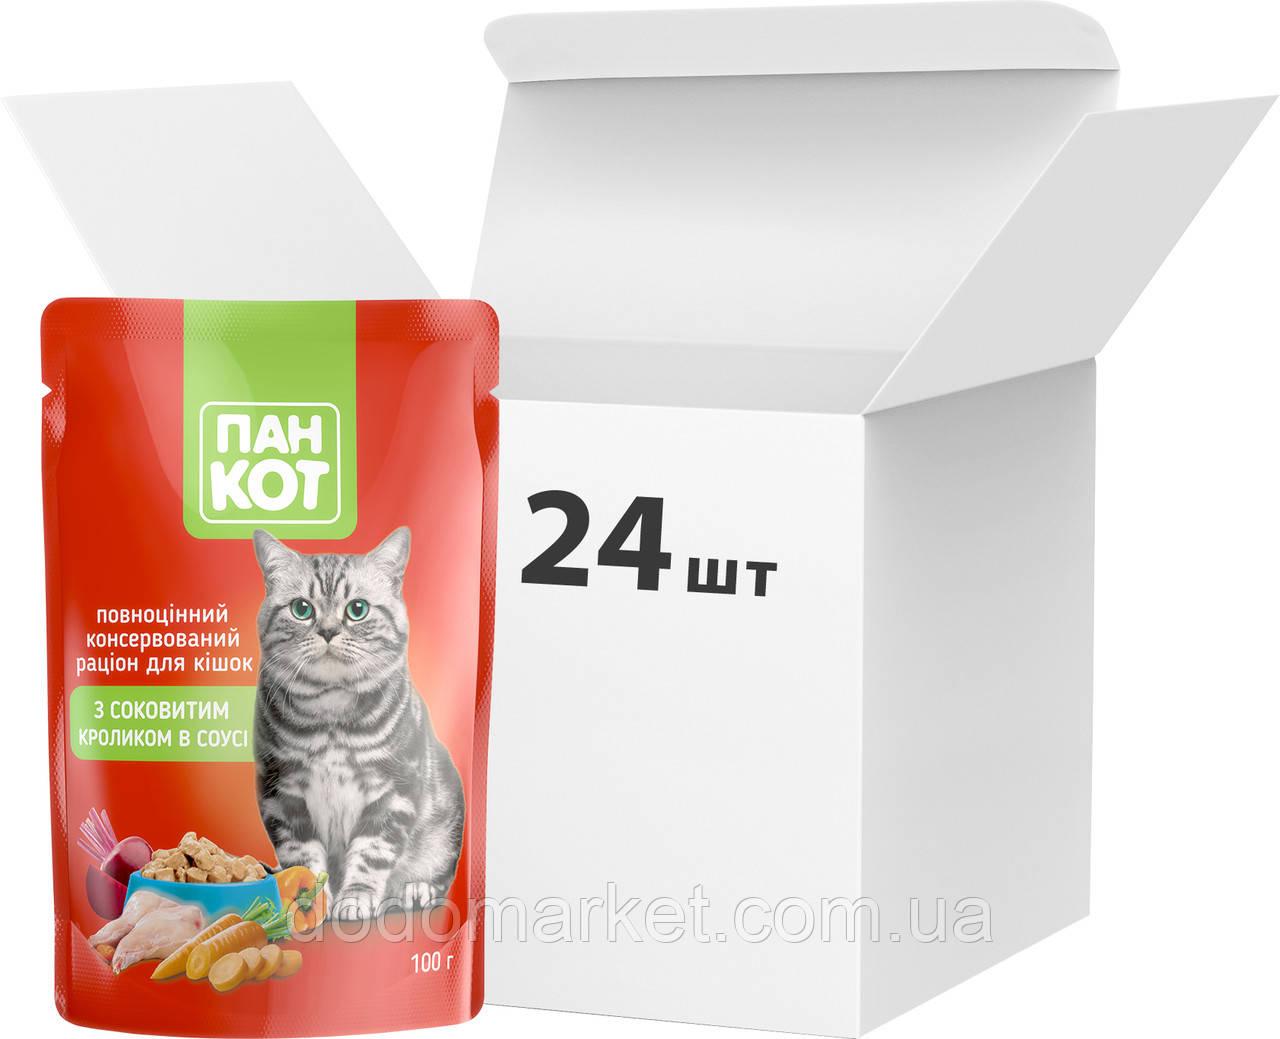 Влажный корм для кошек Пан Кот с сочным кроликом в соусе 100 гр 24 шт